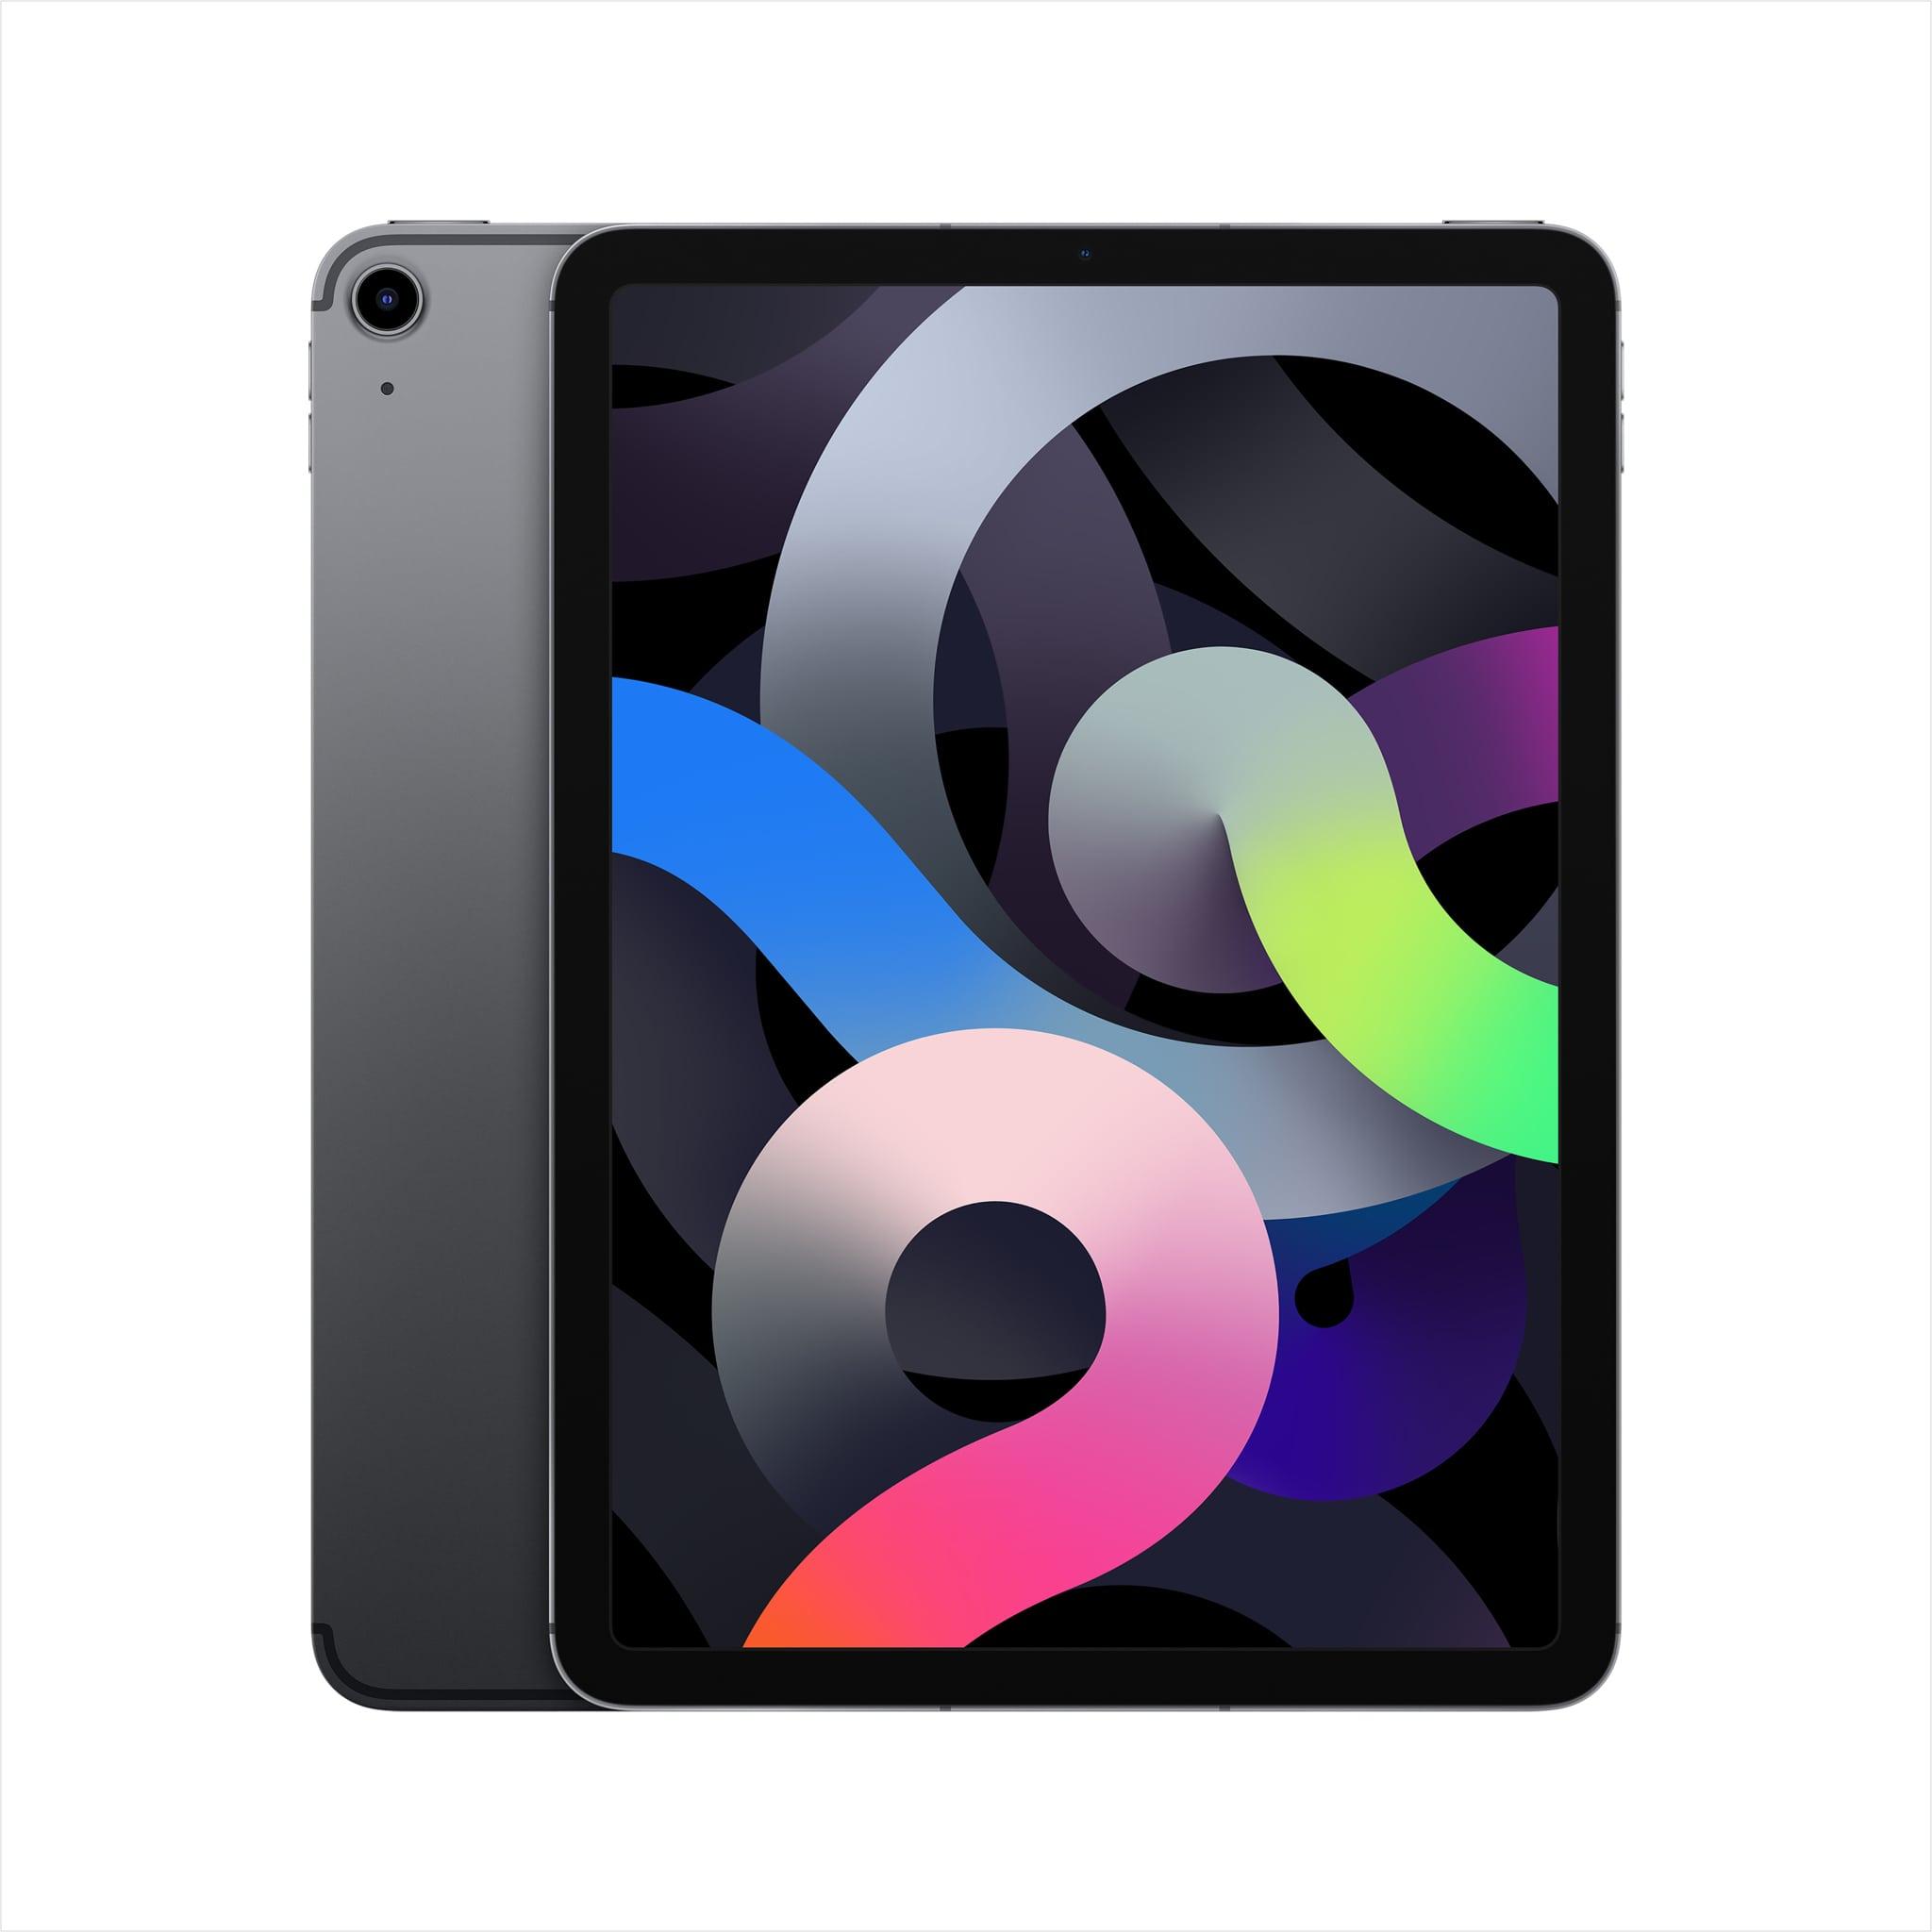 Apple 10.9-inch iPad Air 4 Wi-Fi 64GB - Space Grey MYFM2AB/A